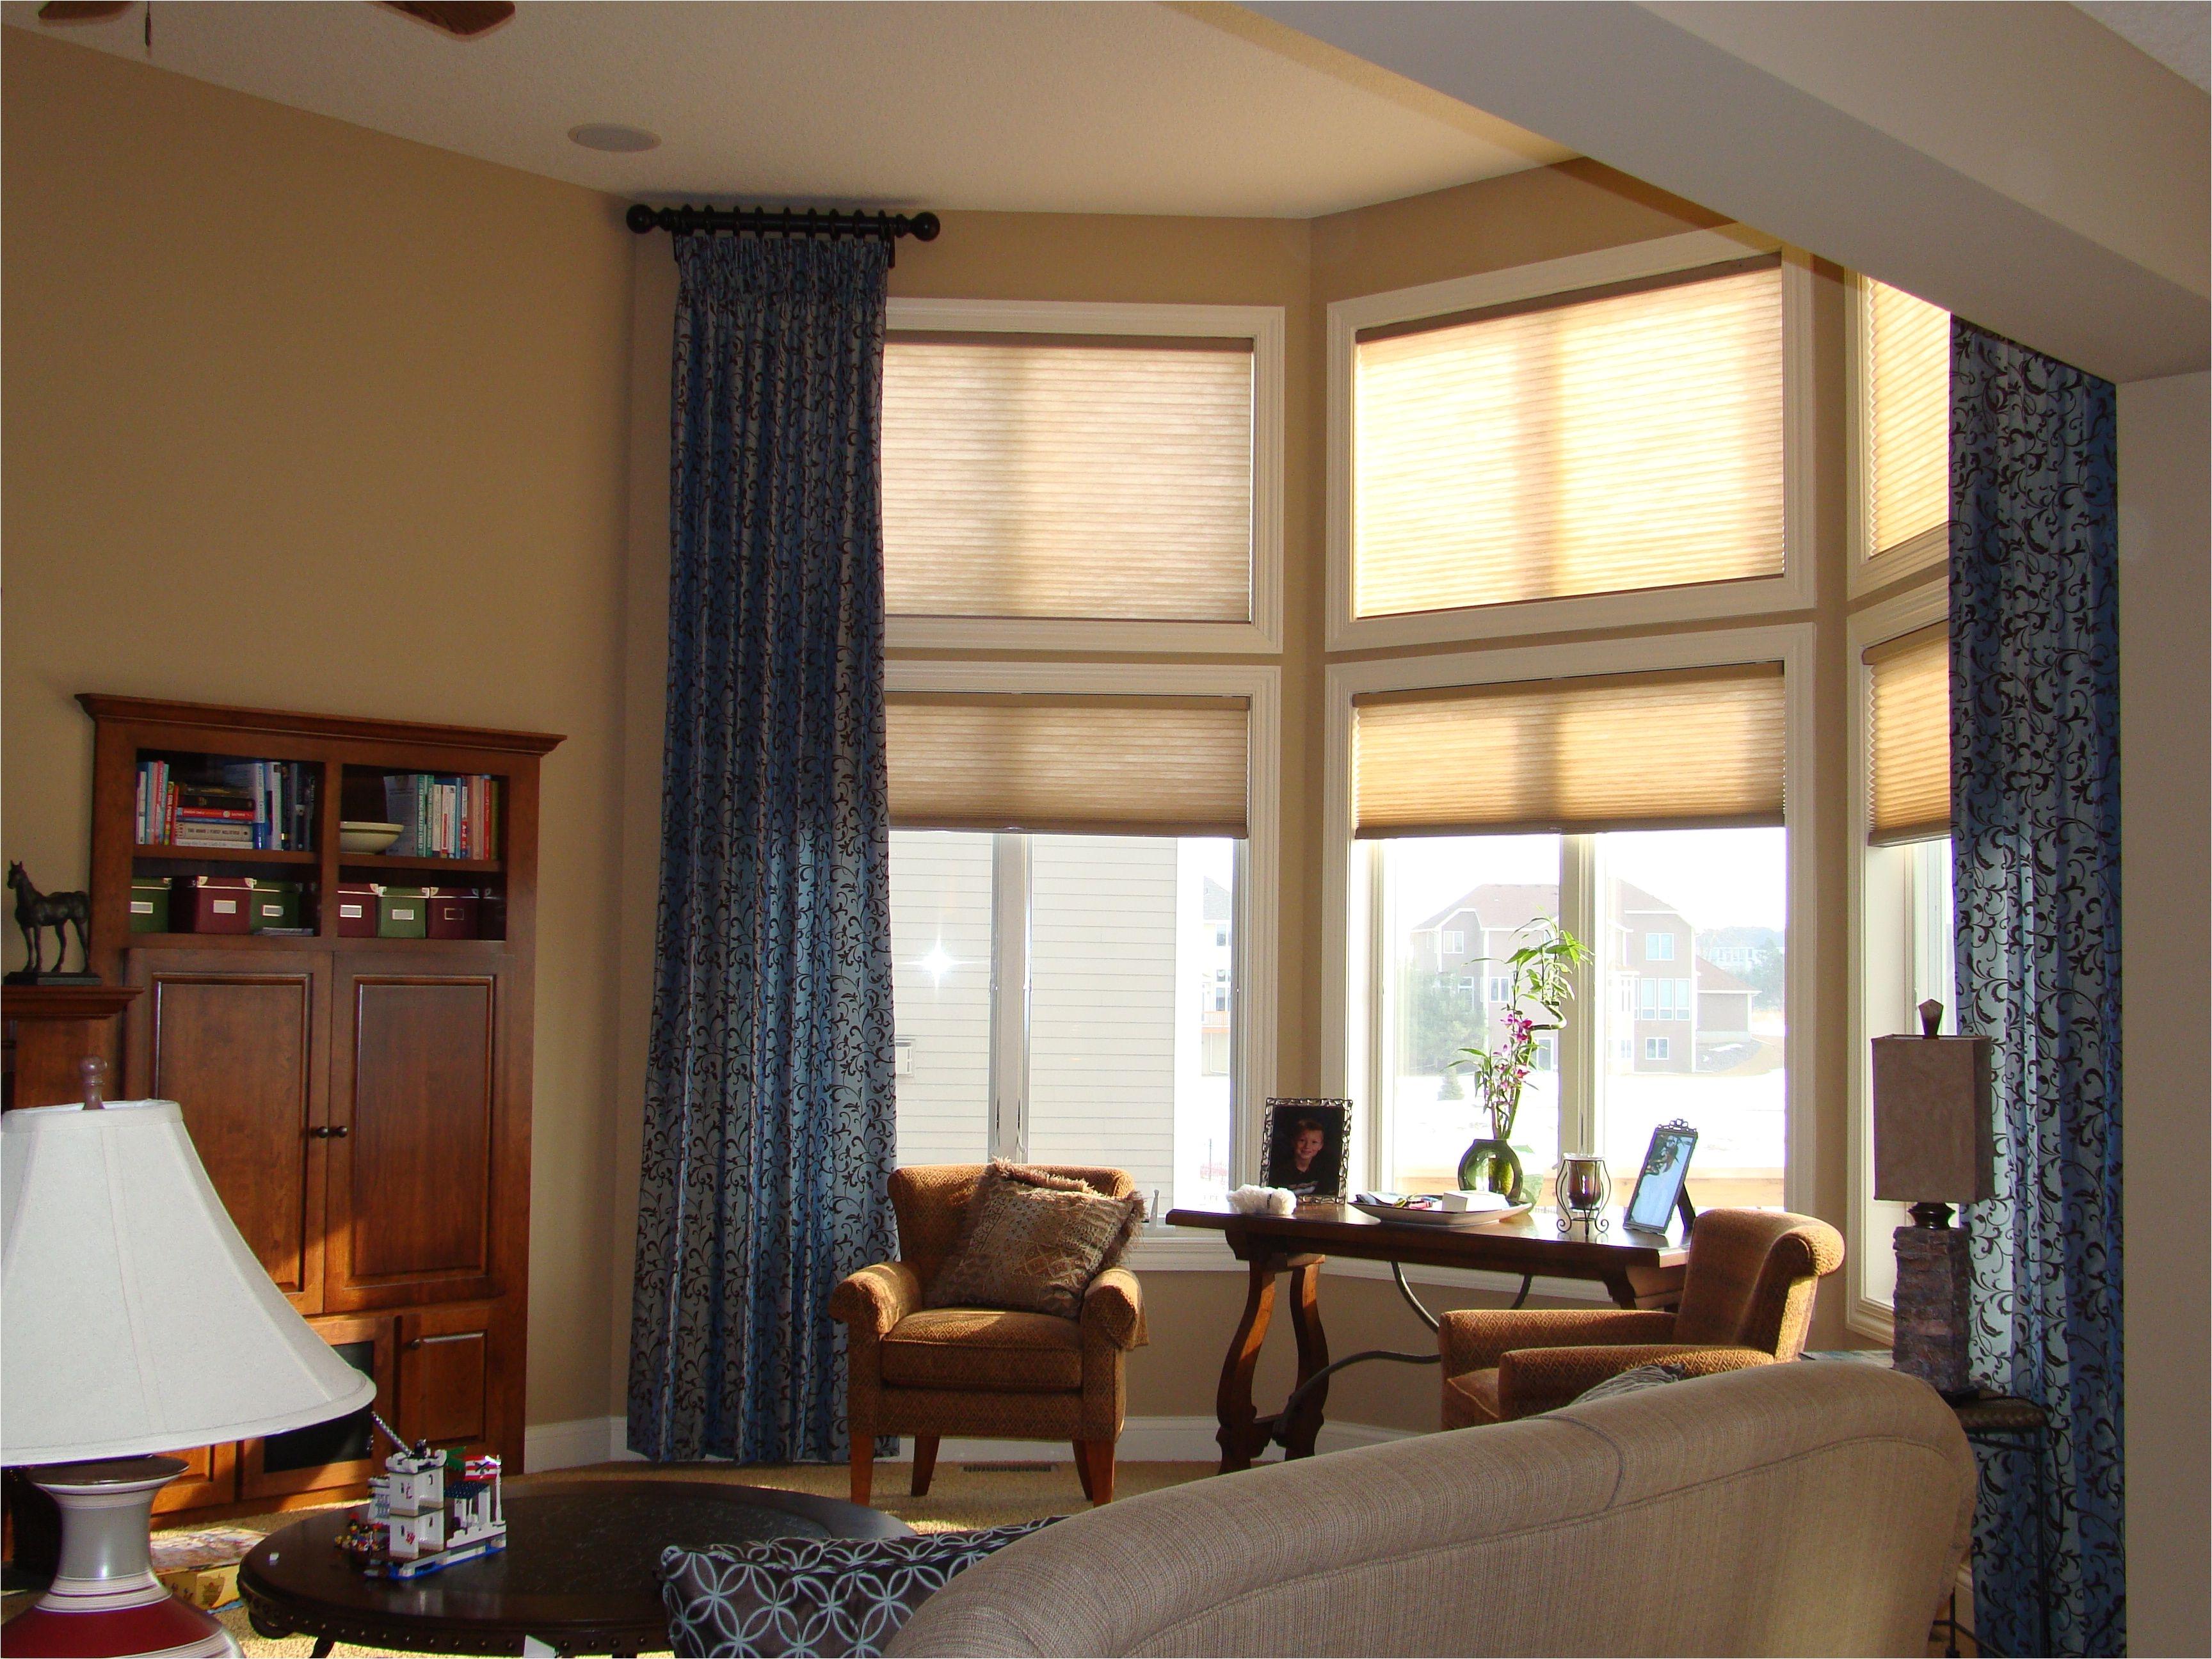 Double Rod Curtain Ideas Decoration Ideas CURTAINS FOR TALL WINDOWS Curtain Rods Window